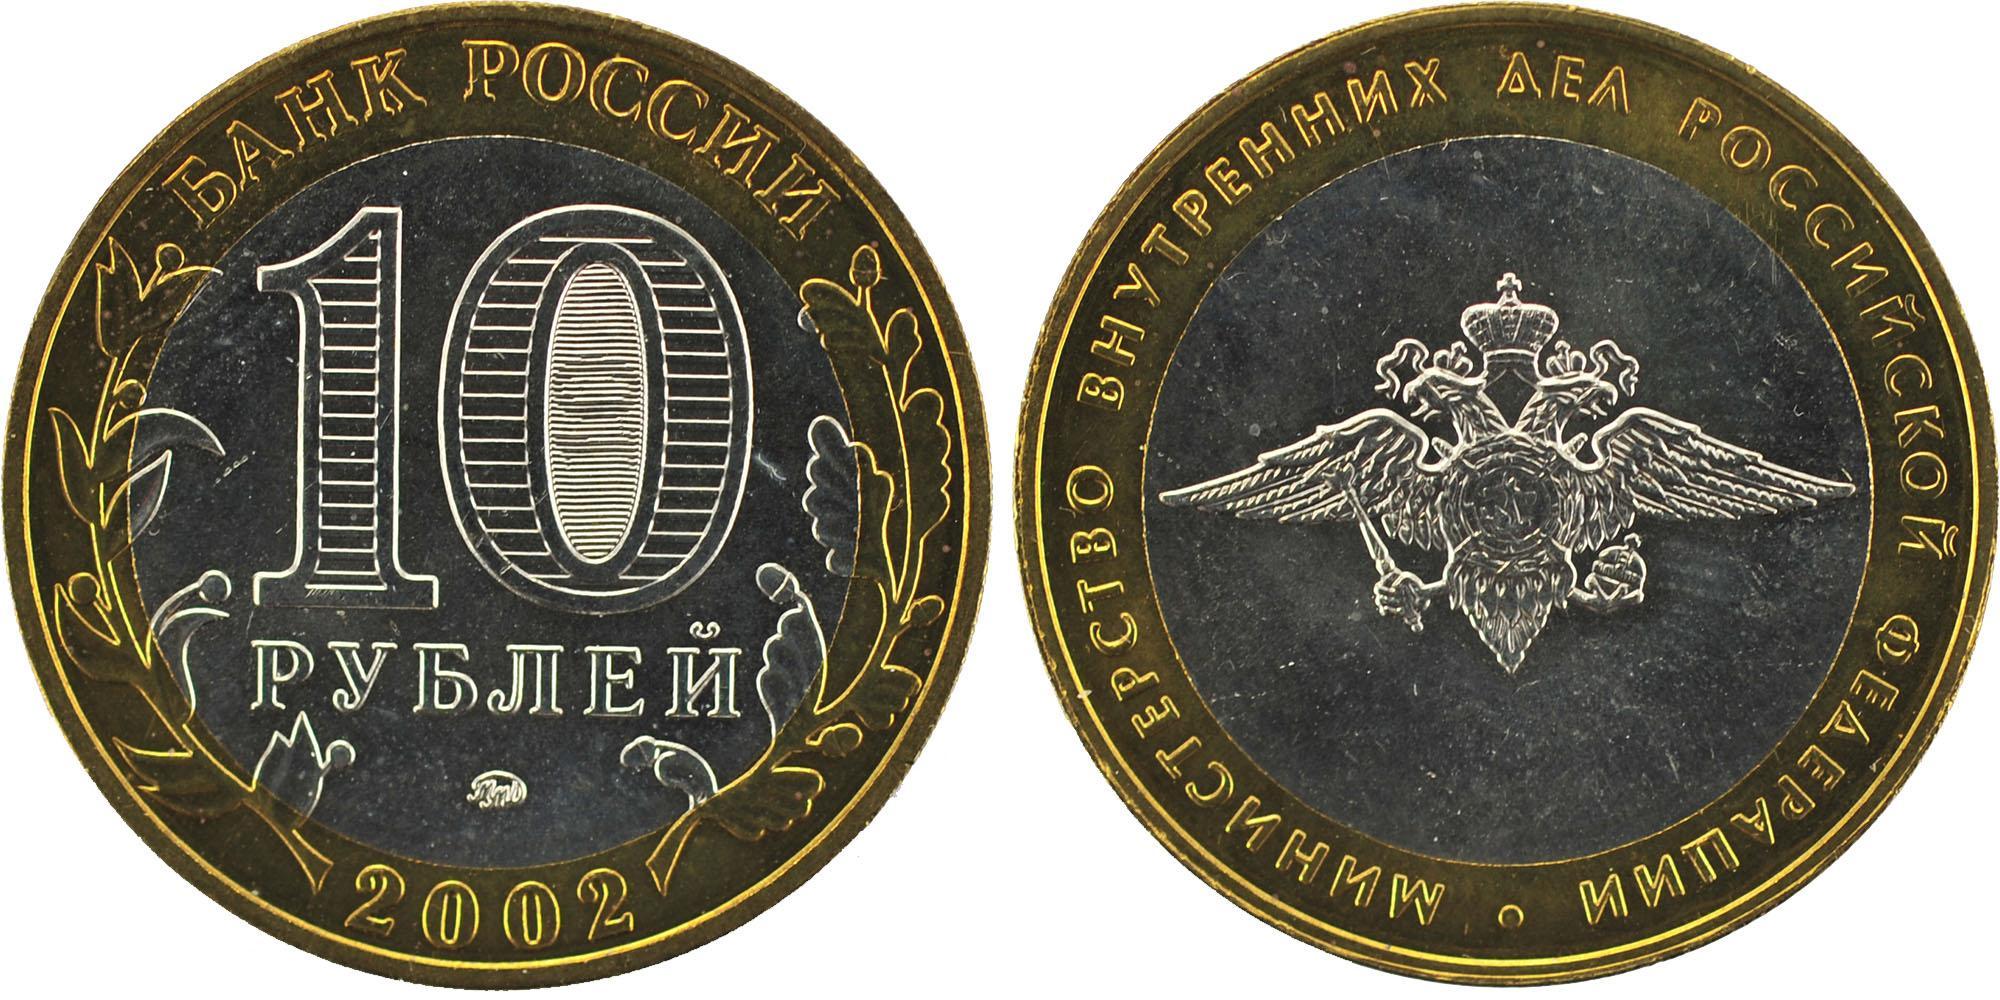 10 рублей 2002 года Министерство внутренних дел Российской Федерации